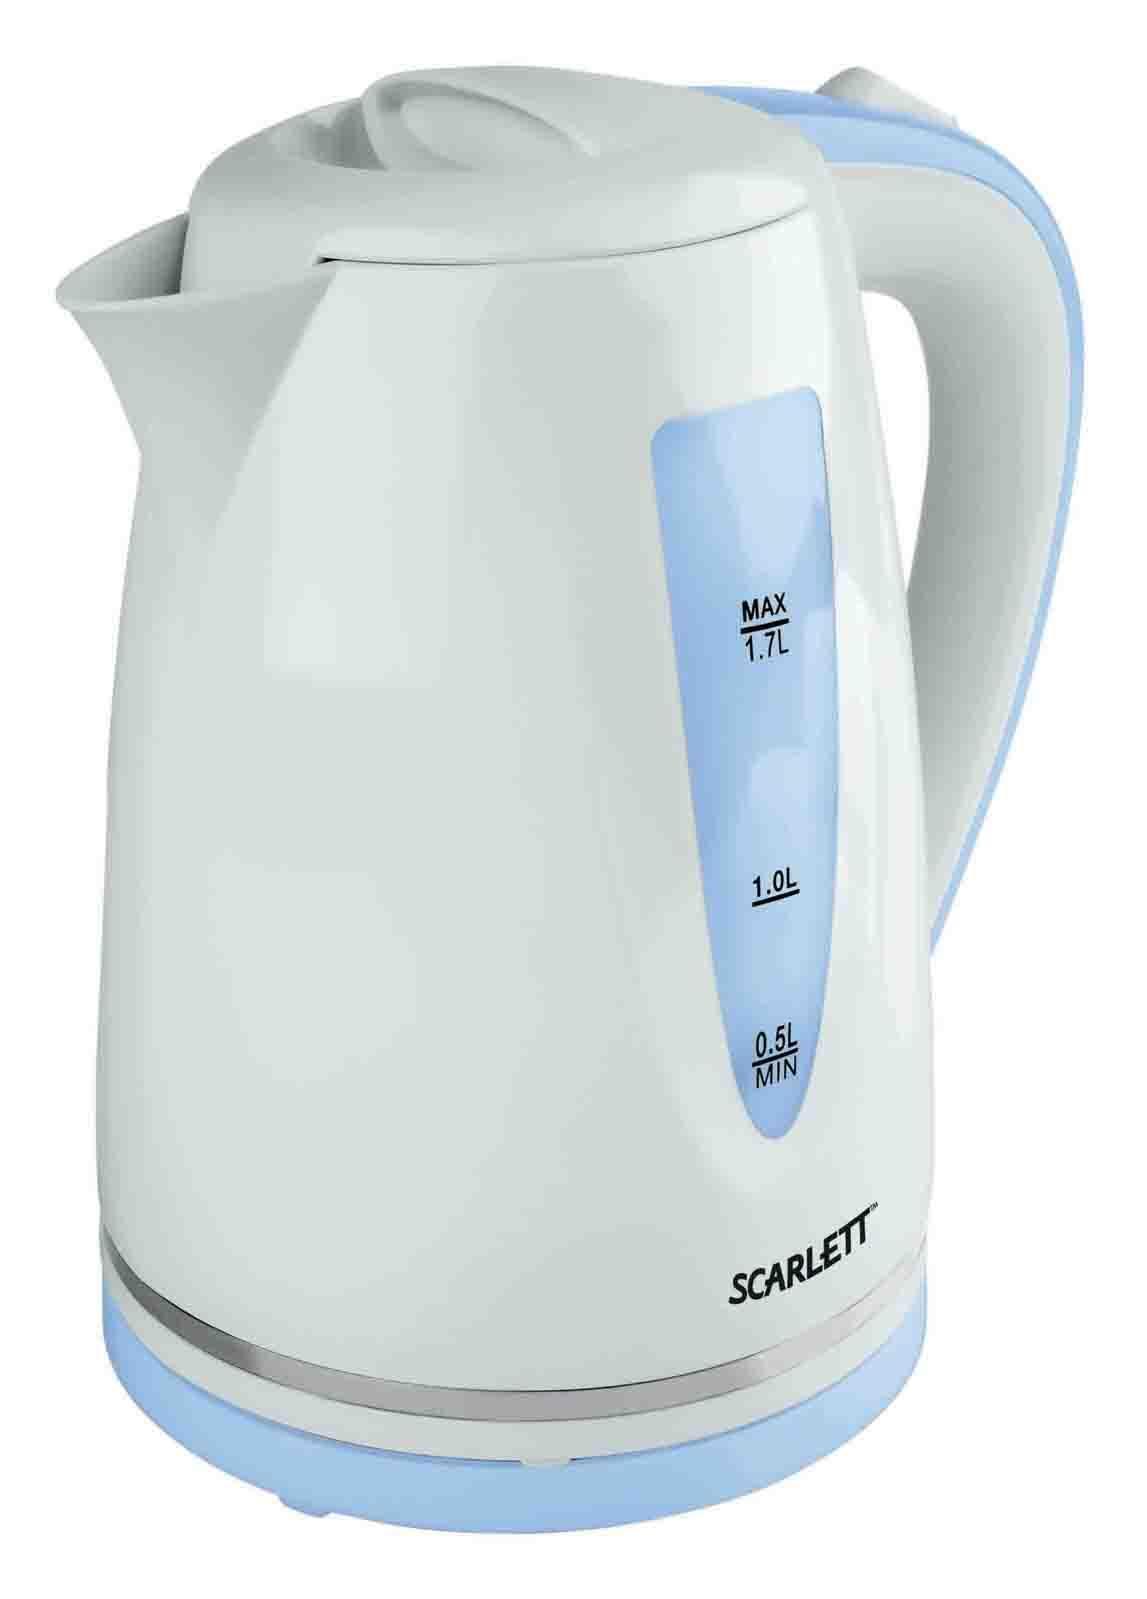 Scarlett SC-EK18P06, White Blue электрический чайникSC-EK18P06Scarlett SC-EK18P06 - надійний електричний чайник від відомого виробника. Виготовлено його із перевіреного термостійкого пластику, що забезпечуватиме практичність і безпечність використання чайника весь термін його використання. Чайник має об'єм у 1.7 літра, що дозволить комфортно чаювати усією родиною. А закритий нагрівальний елемент потужністю 2200 Вт швидко закип'ятить навіть повний чайник. Чайник встановлюється на підставку у будь-якому положенні та автоматично вимикається при закипанні. Scarlett SC-EK18P06 - зручний електрочайник для дому і офісу.